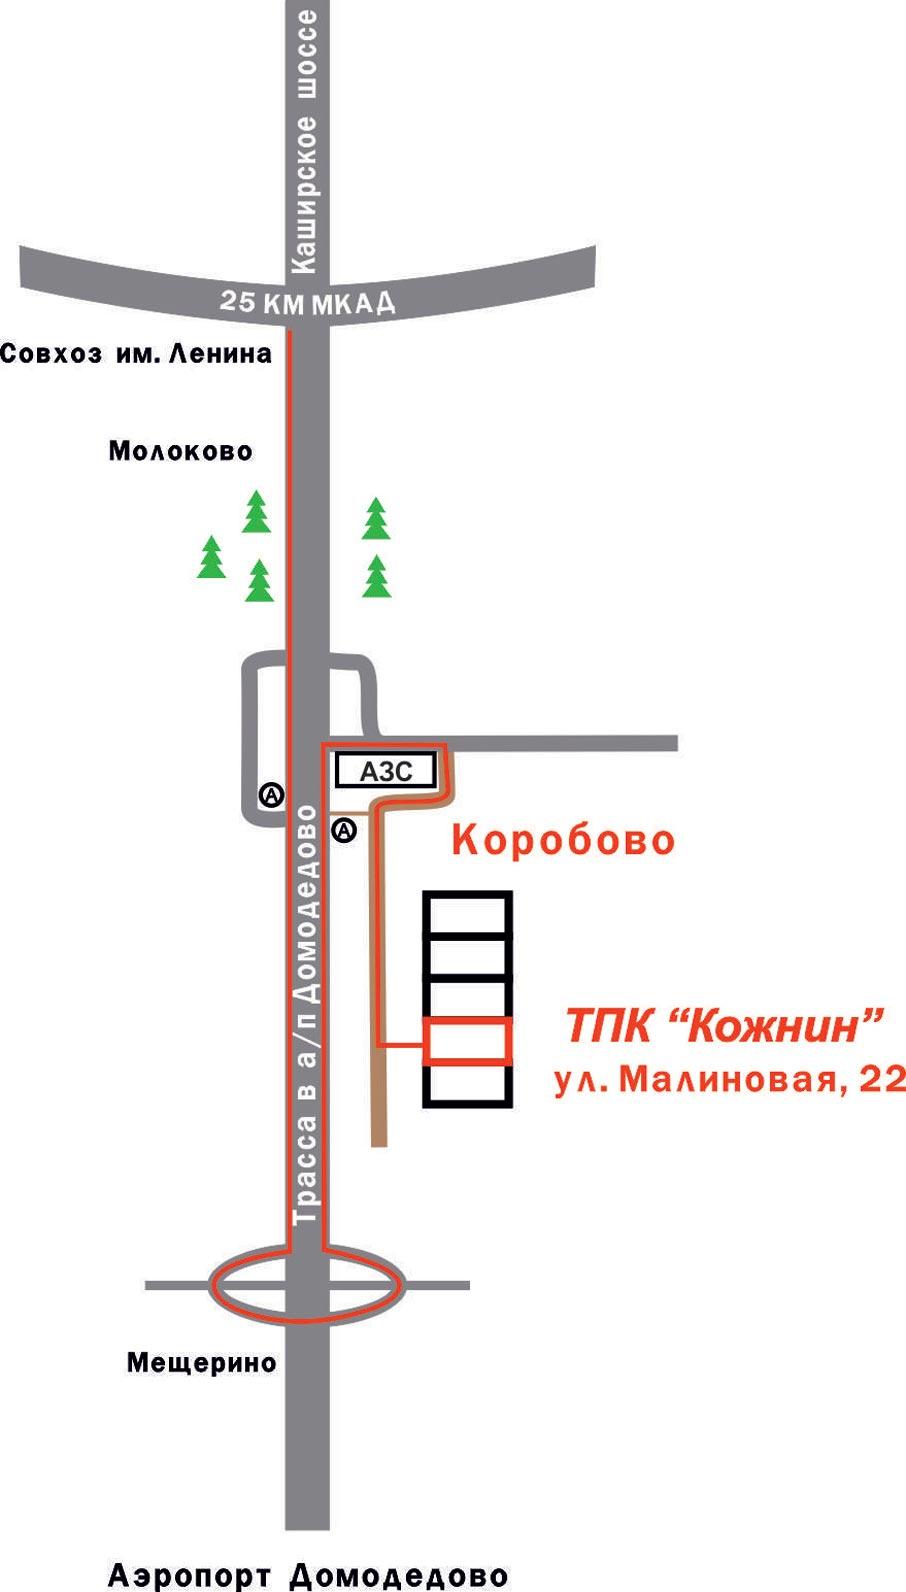 Схема проезда до аэропорта домодедово на авто